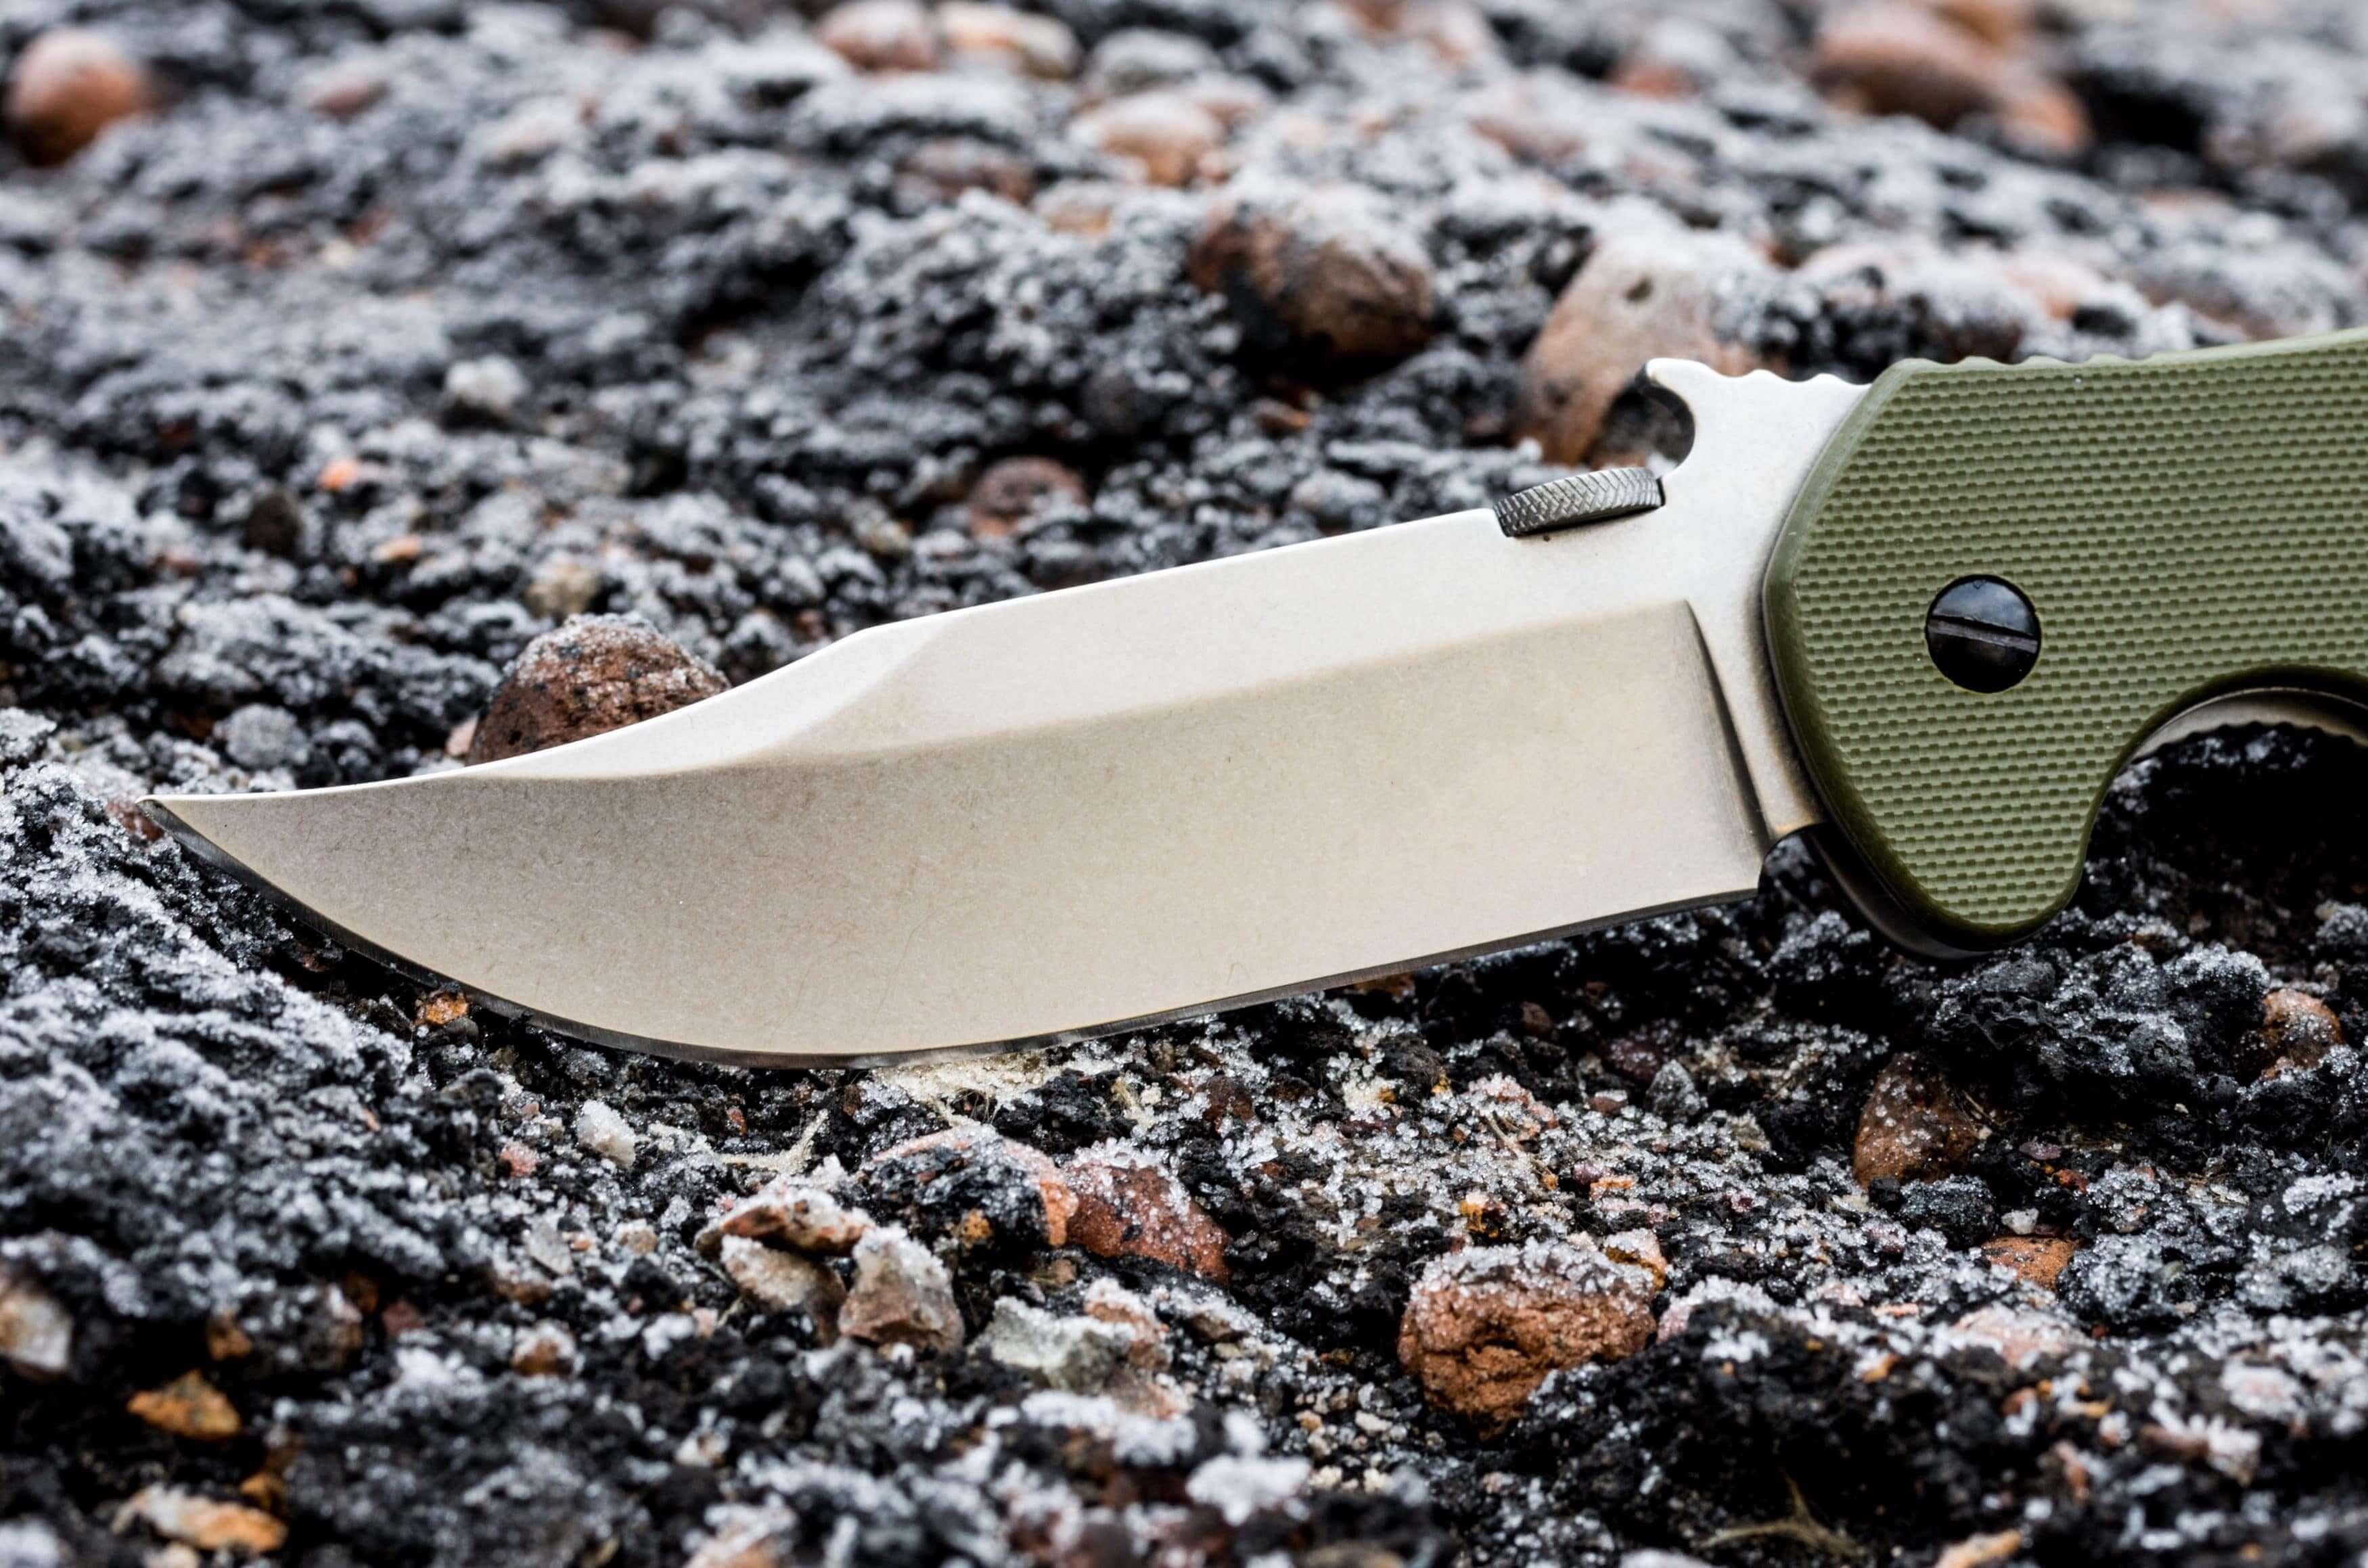 Kershaw knives at Sports World